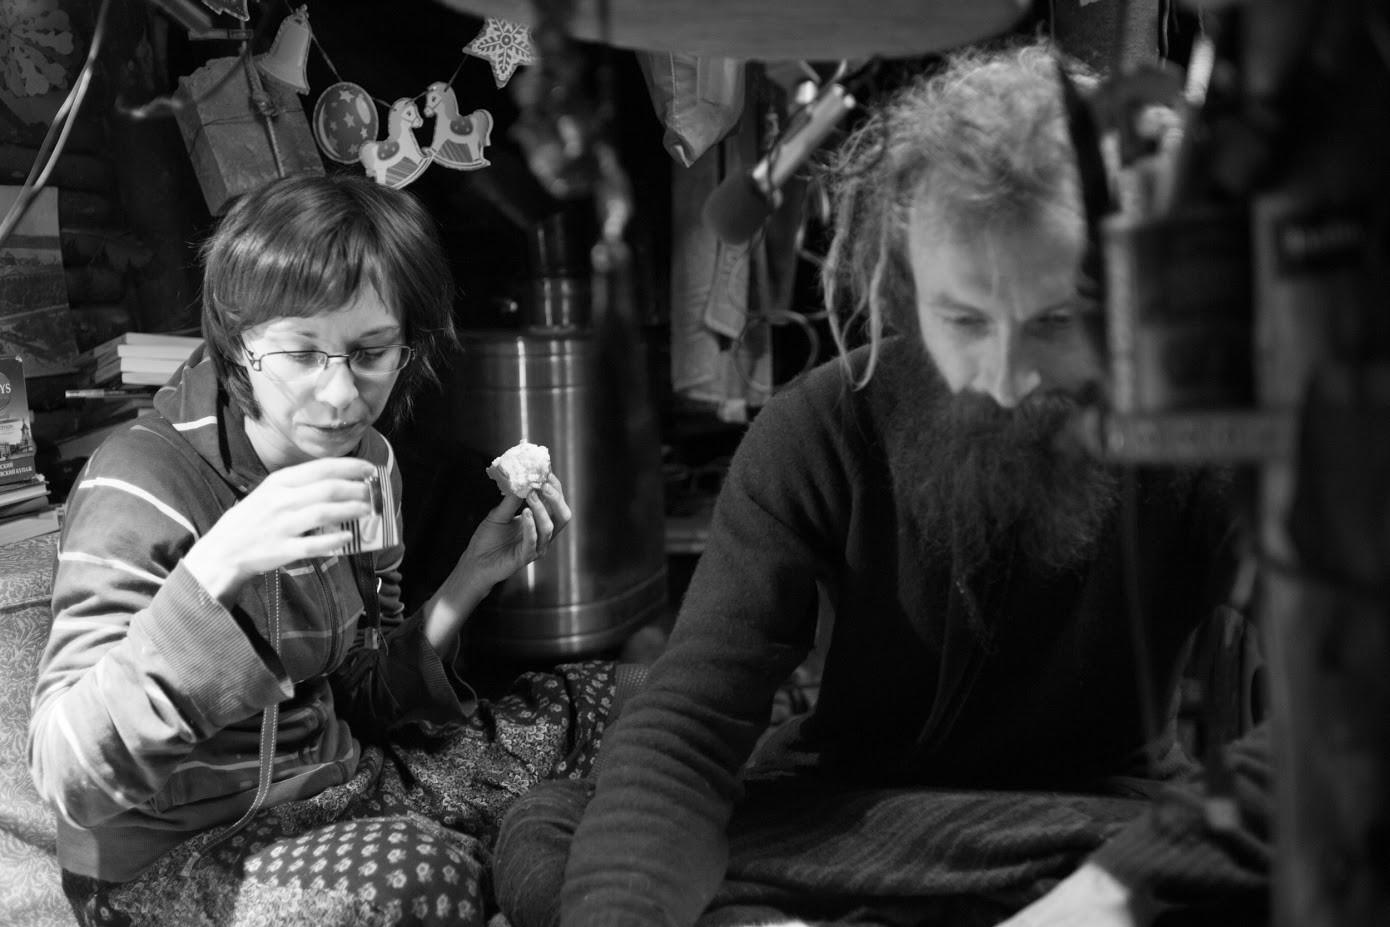 106 km proč od Moskve v gozdu ob avtocesti v zemljanki živi filozof Jurij. Na obisk je prišla punca iz Moskve.